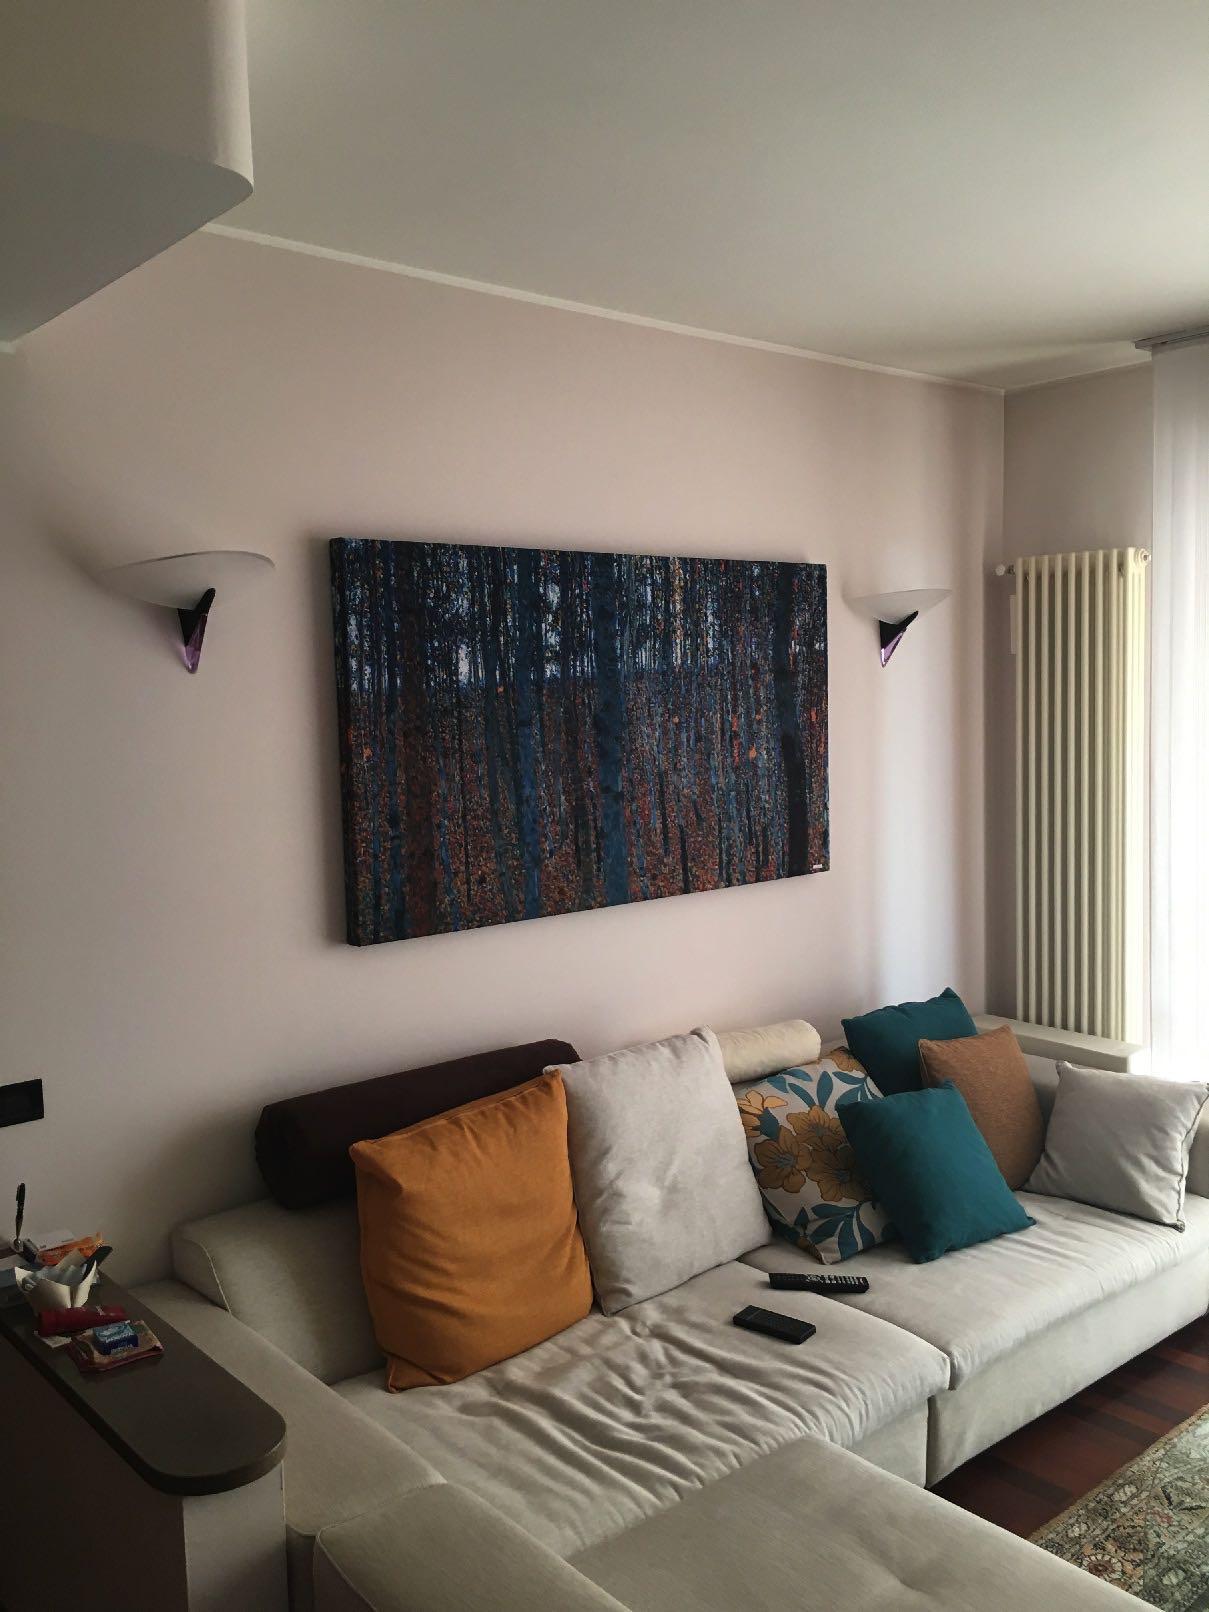 Pannelli acustici fonoassorbenti a soffitto e a parete for Pannelli da parete decorativi